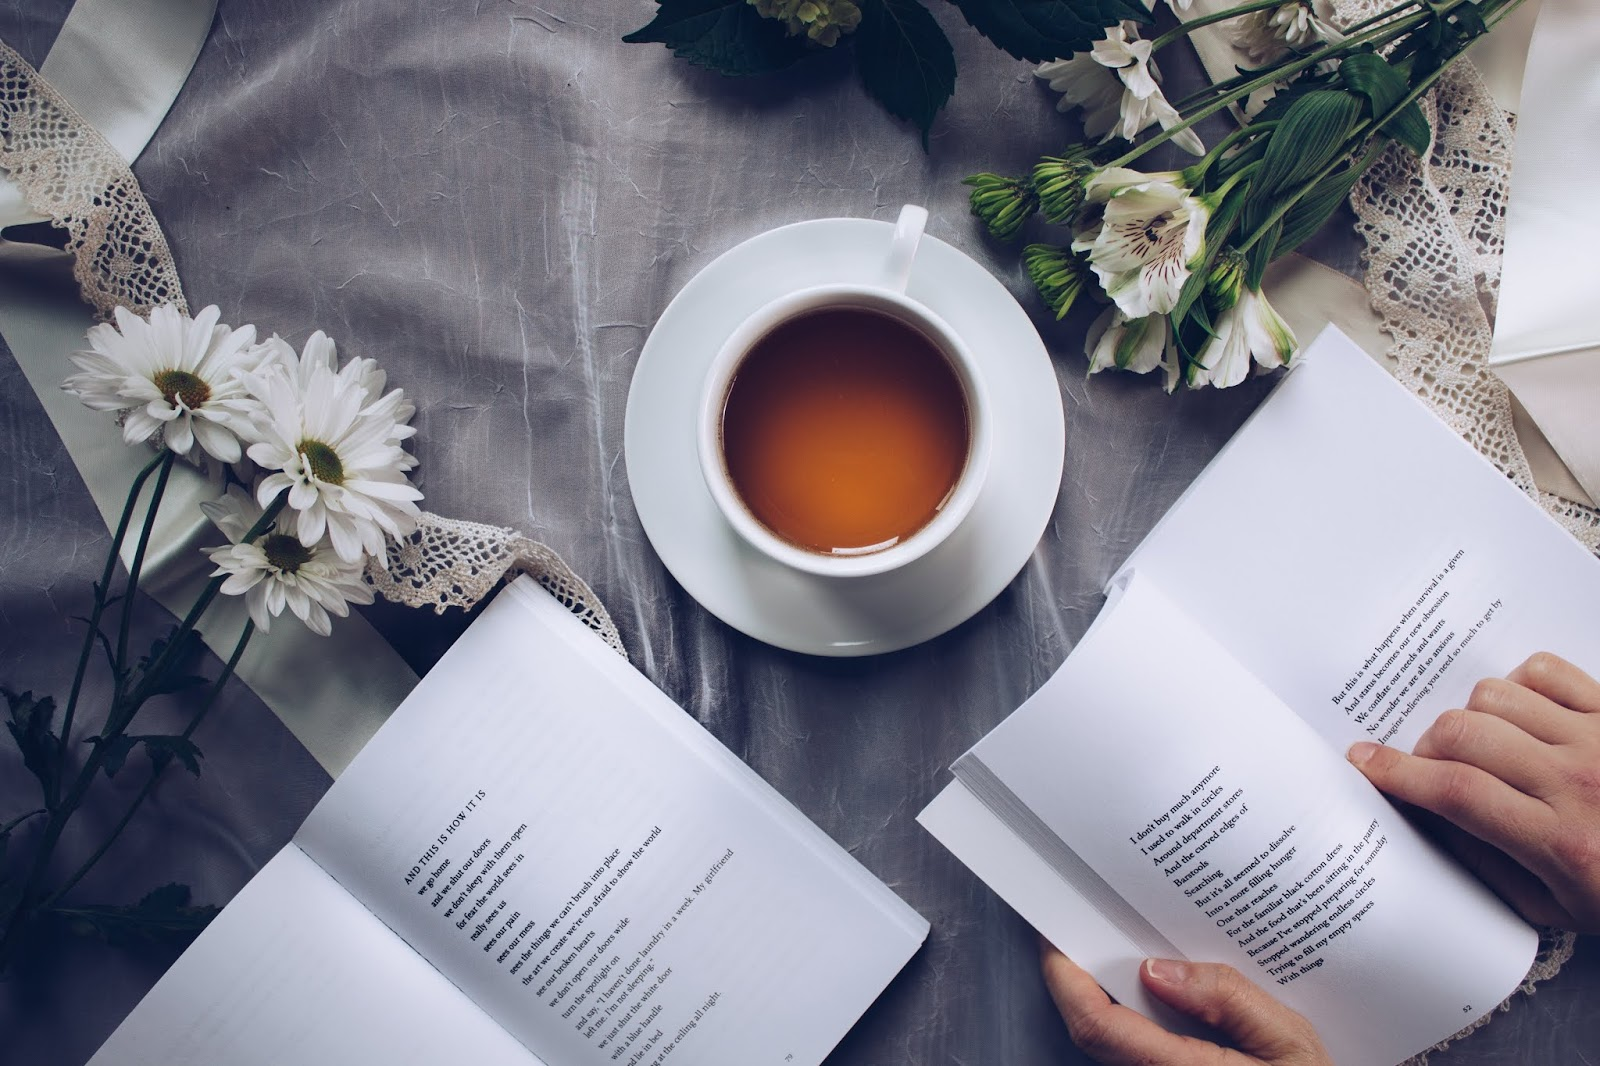 كتب,قراءة,قراءة الكتب,القراءة,كتاب,الكتب,القراءة السريعة,طرق قراءة الكتب,فوائد الكتب,القراءة الفعالة,مكتبة,فوائد القراءة,كتب مفيدة,افضل كتب,أفضل الكتب,اقرأ,يوتيوبر,طرق للقراءة,تحدي القراءة,علم,خواطر القراءة,تطوير الذات,القراءة والكتب,عربي,السر,التركيز